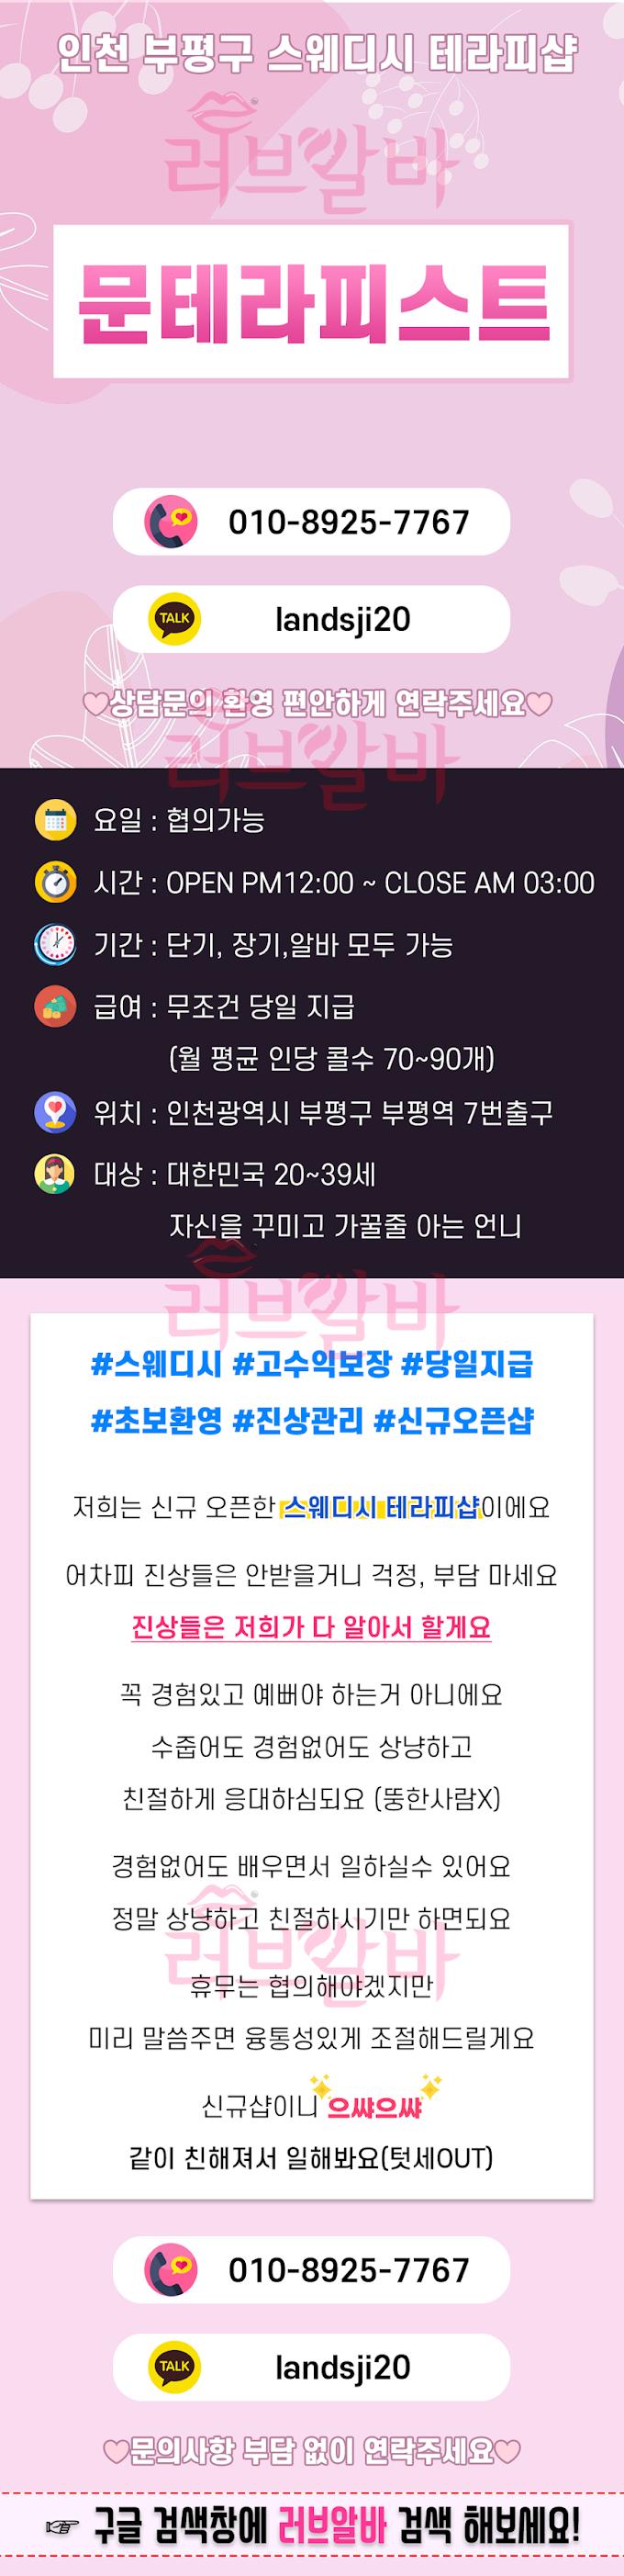 [인천 부평구] 신규 오픈 마사지샵에서 같이 일하실 여성분 구해요~😄😄😄